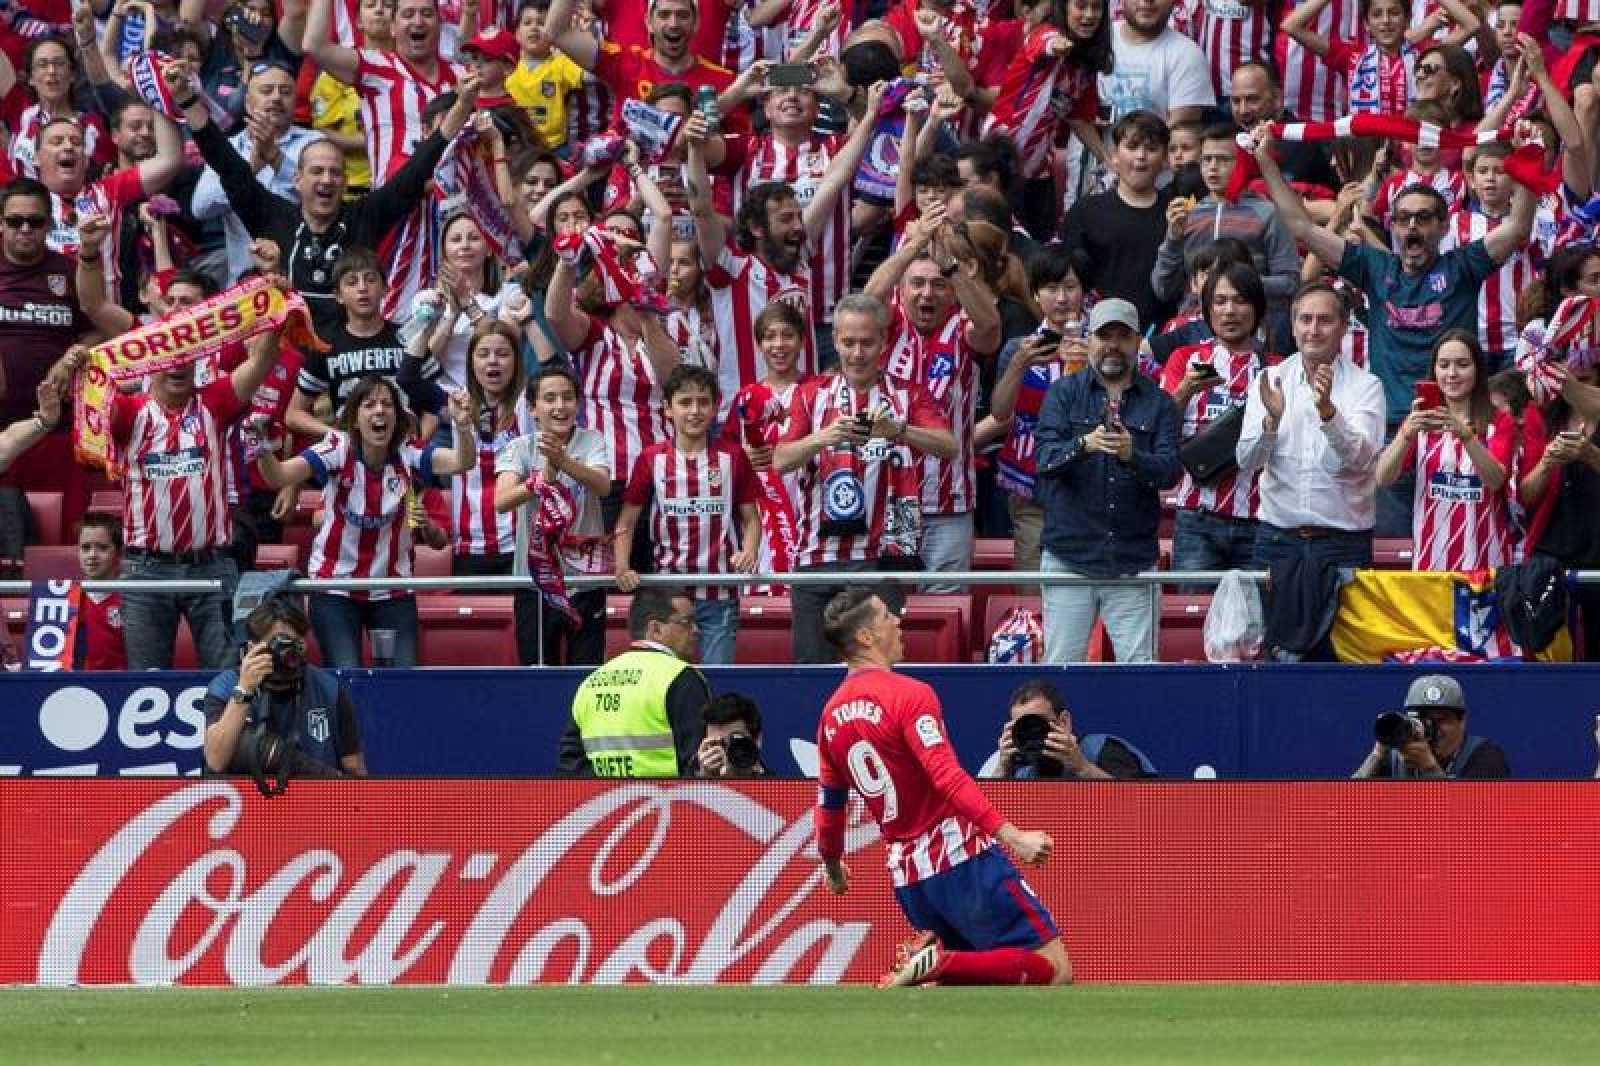 El delantero del Atlético de Madrid, Fernando Torres, celebra el gol contra el Eibar.